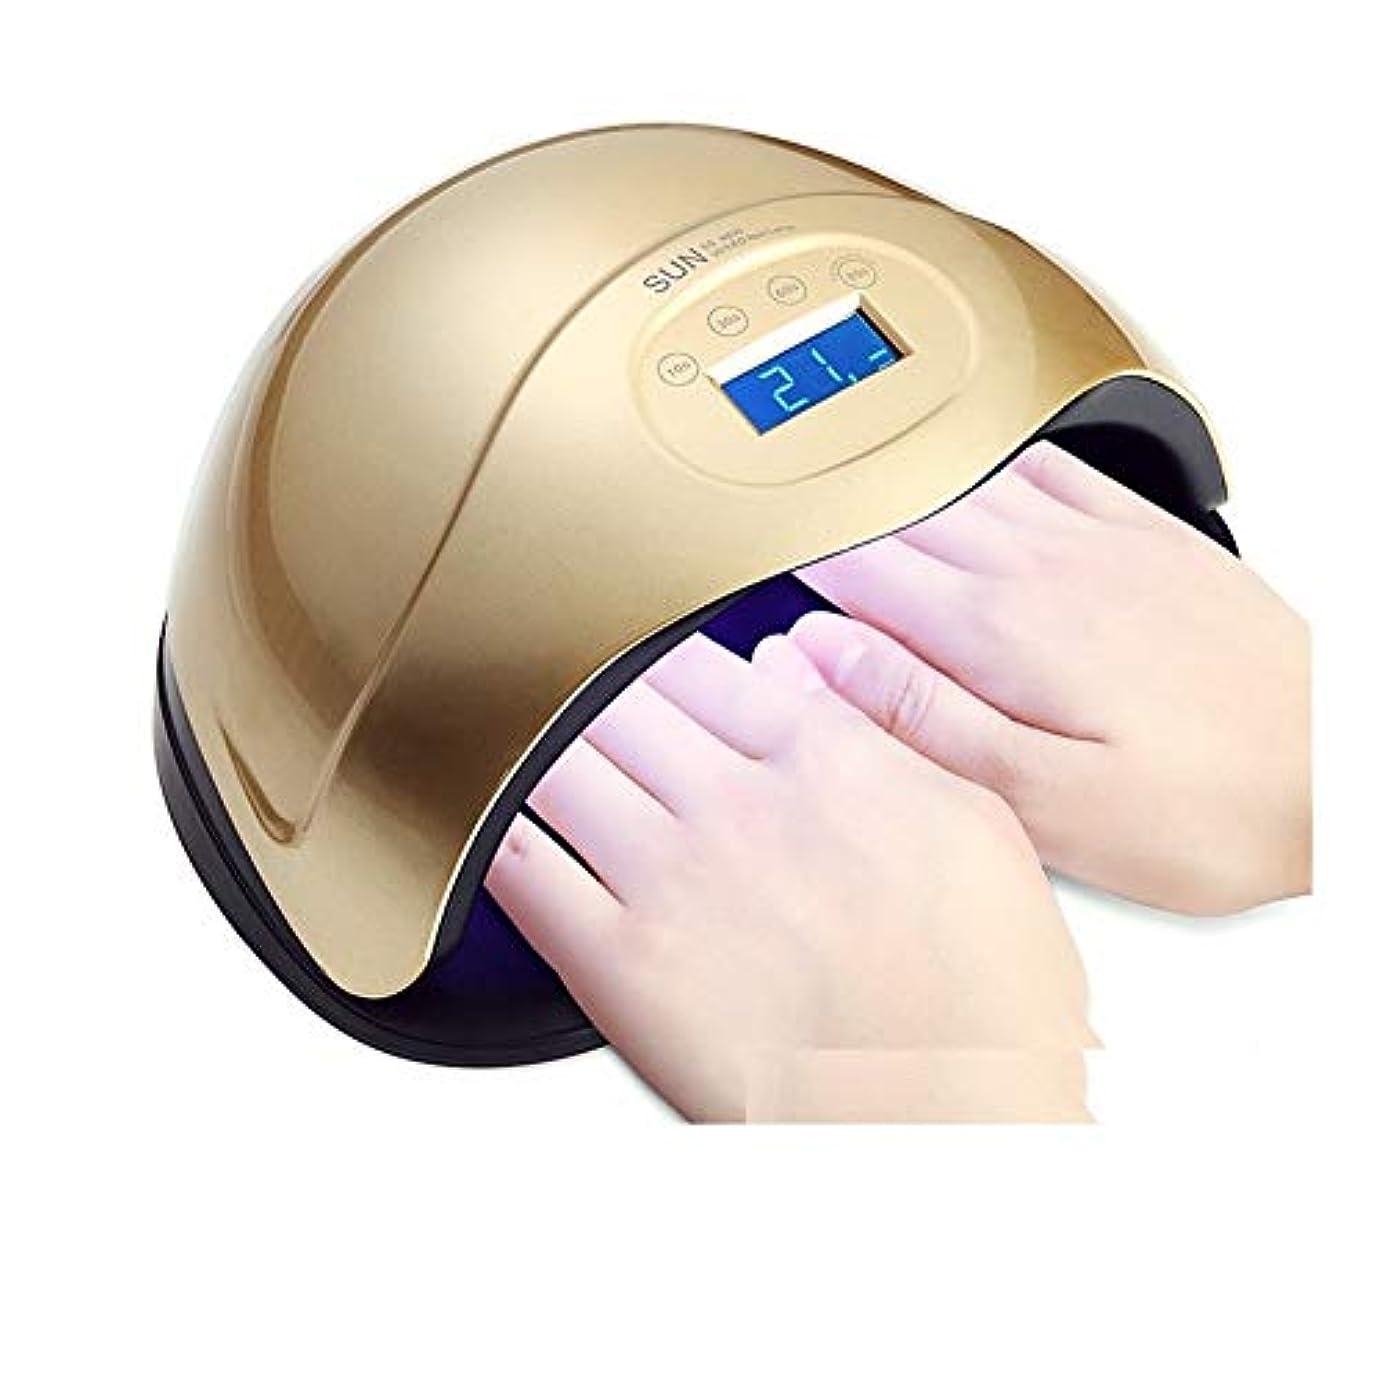 オフネイティブ腰LittleCat 48ワットネイルUVランプネイルネイル工作機械ハンズライト光線療法 (色 : 48W pink)